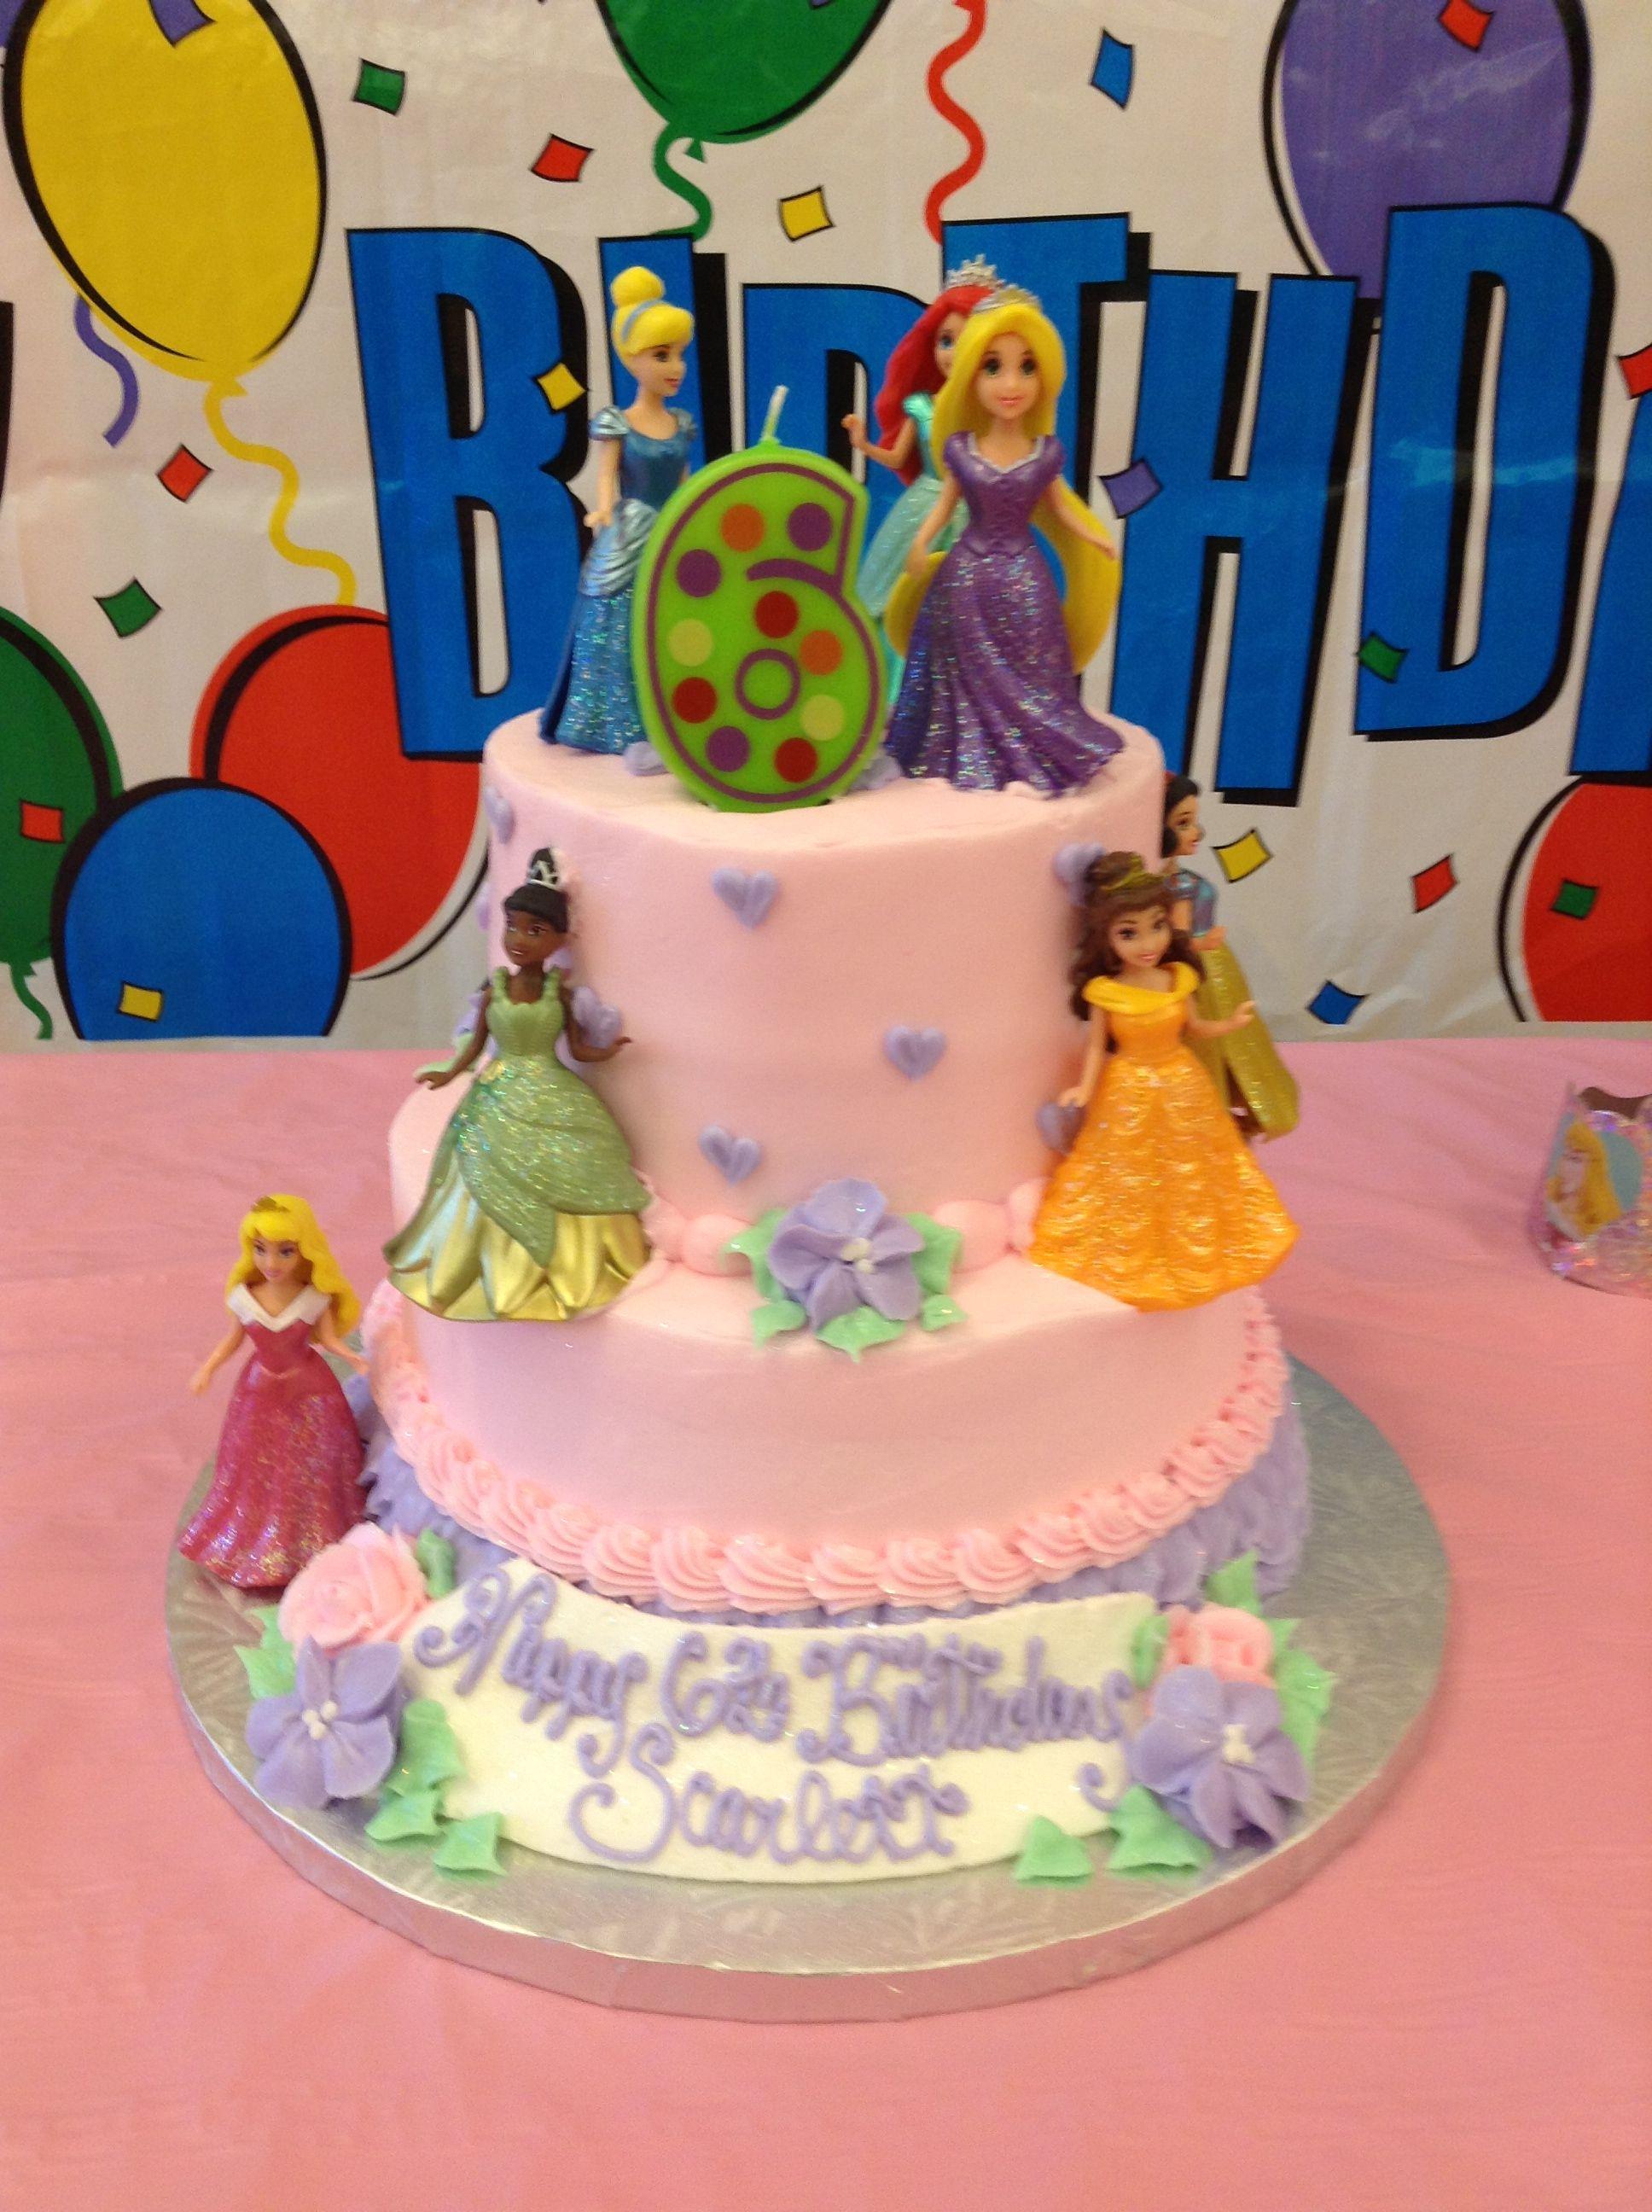 Disney Princess Birthday Cake Two Tier Made At Grandmas Bakery White Bear Lake